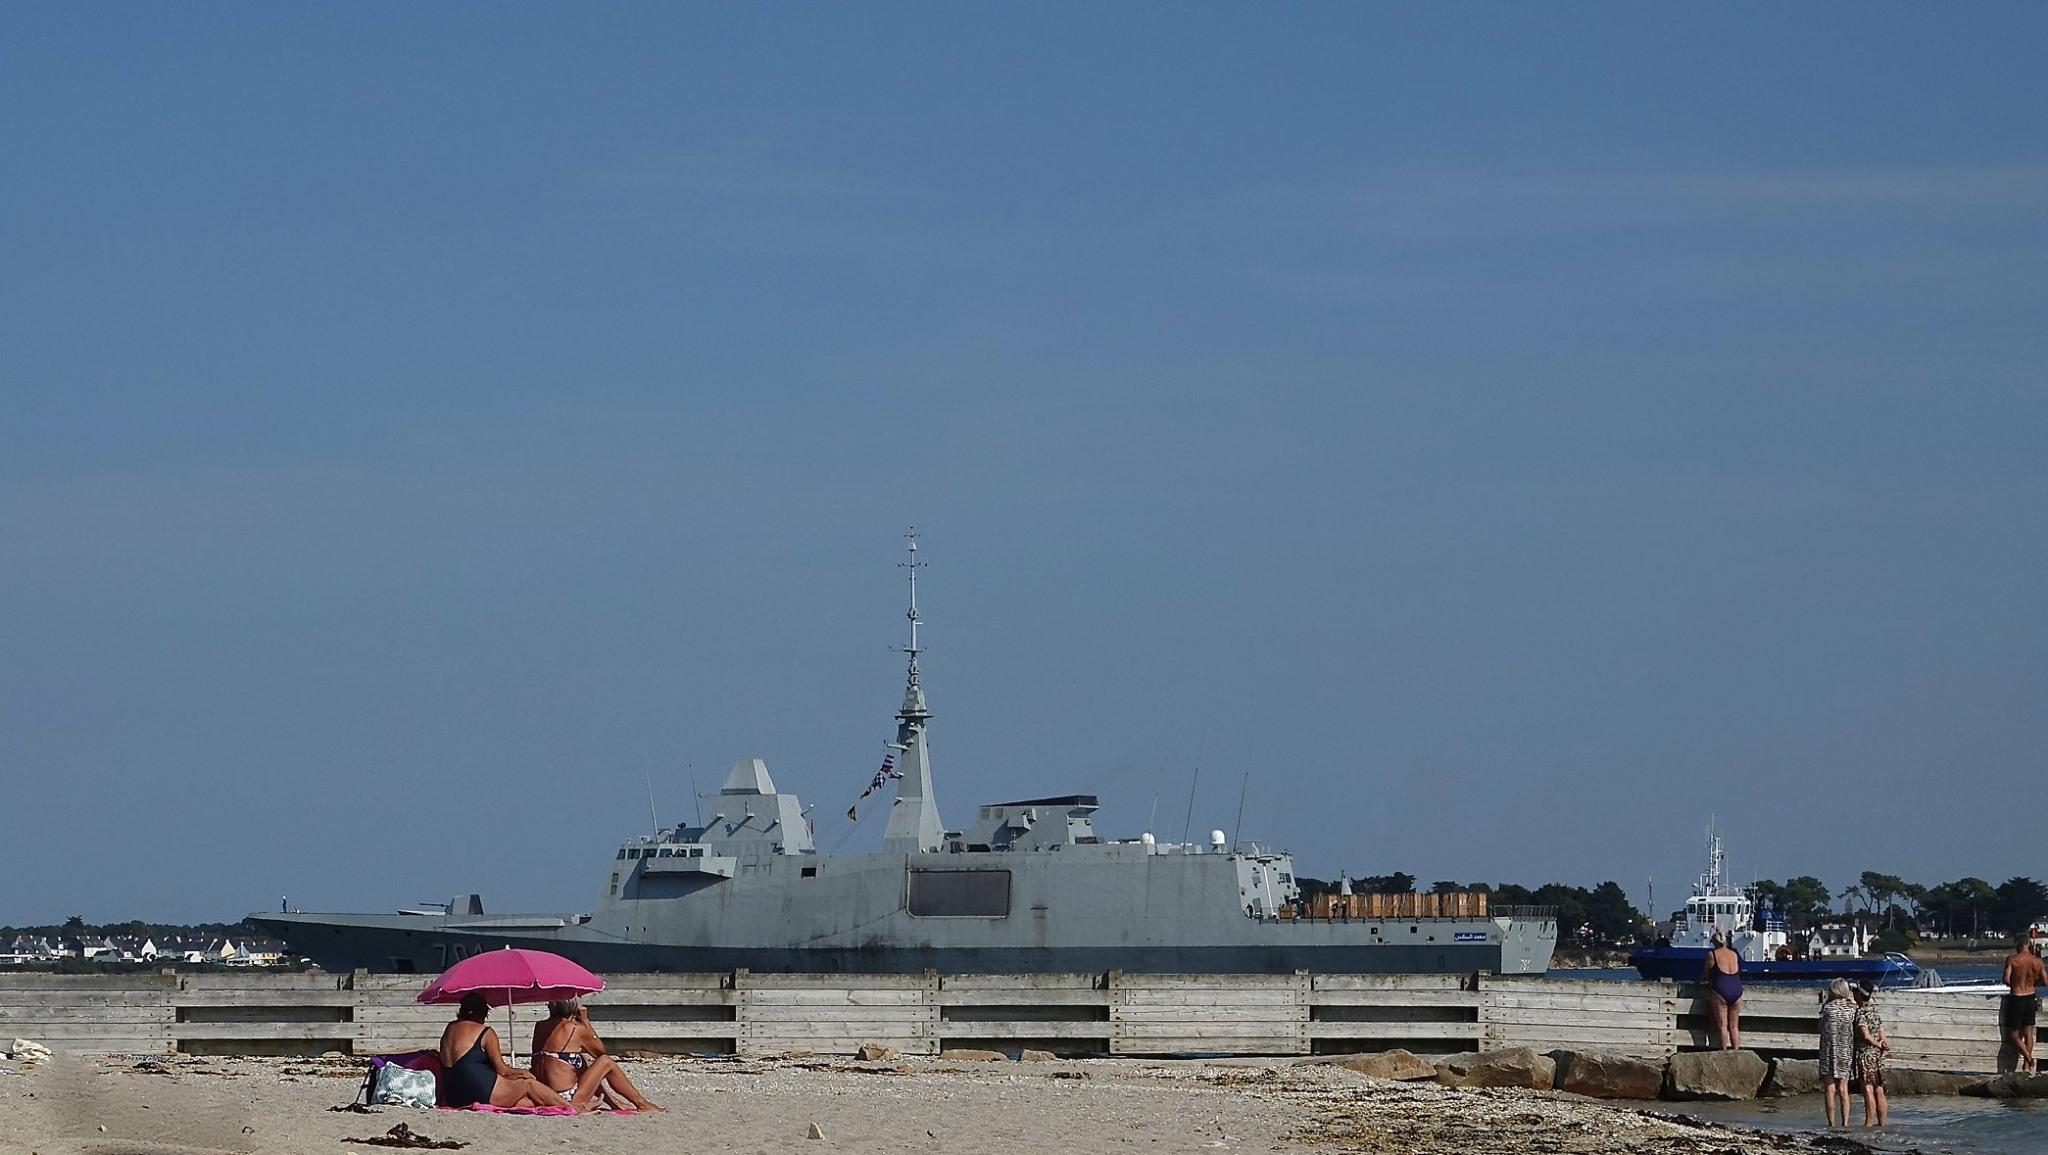 Royal Moroccan Navy FREMM Frigate / FREMM Marocaine - Mohammed VI - Page 14 50382975373_2ddb9fca81_o